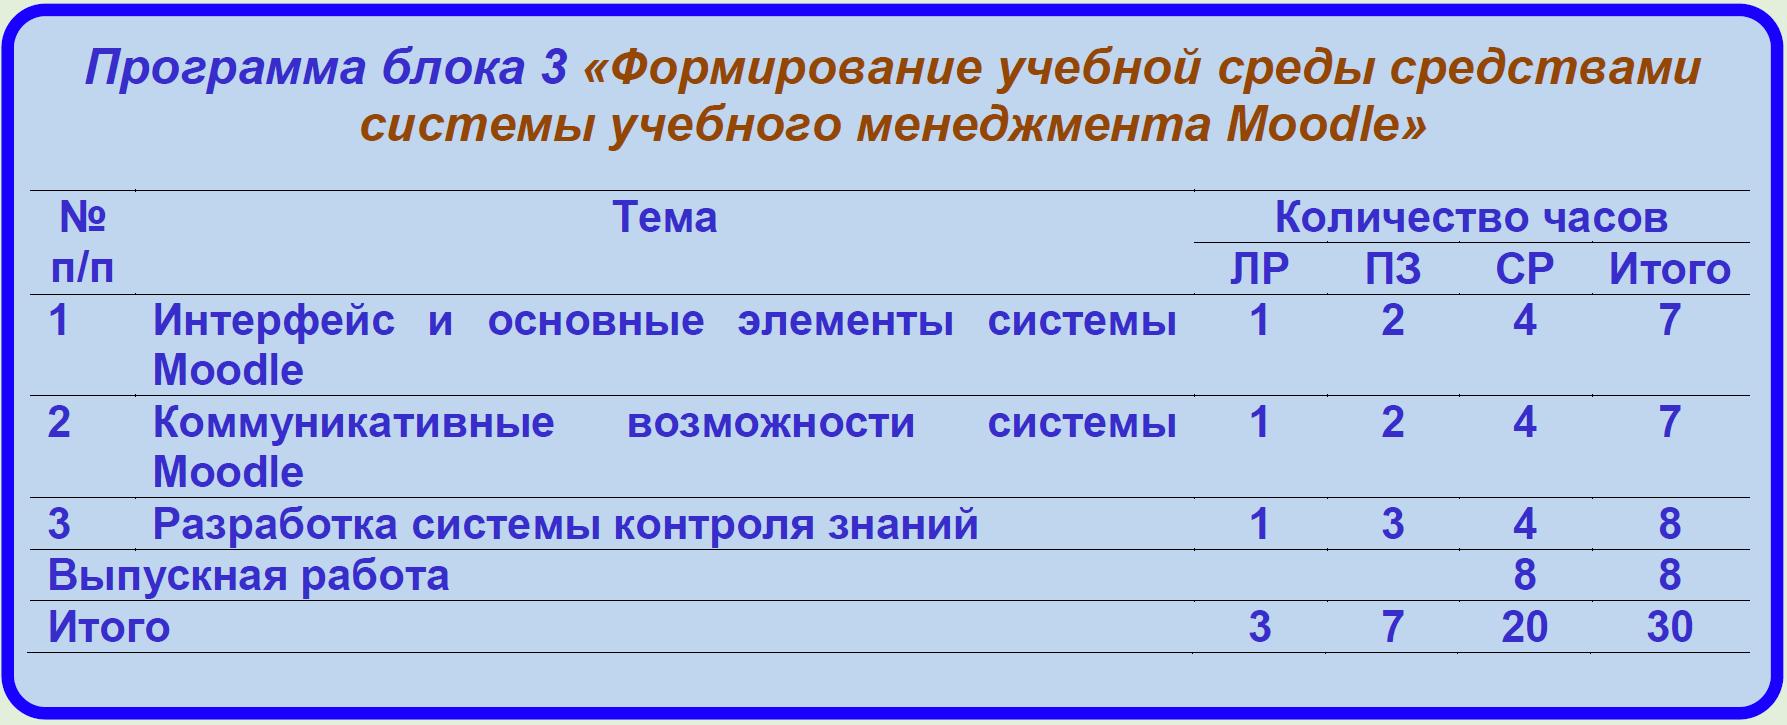 Программа блока 3 «Формирование учебной среды средствами системы учебного менеджмента Moodle»